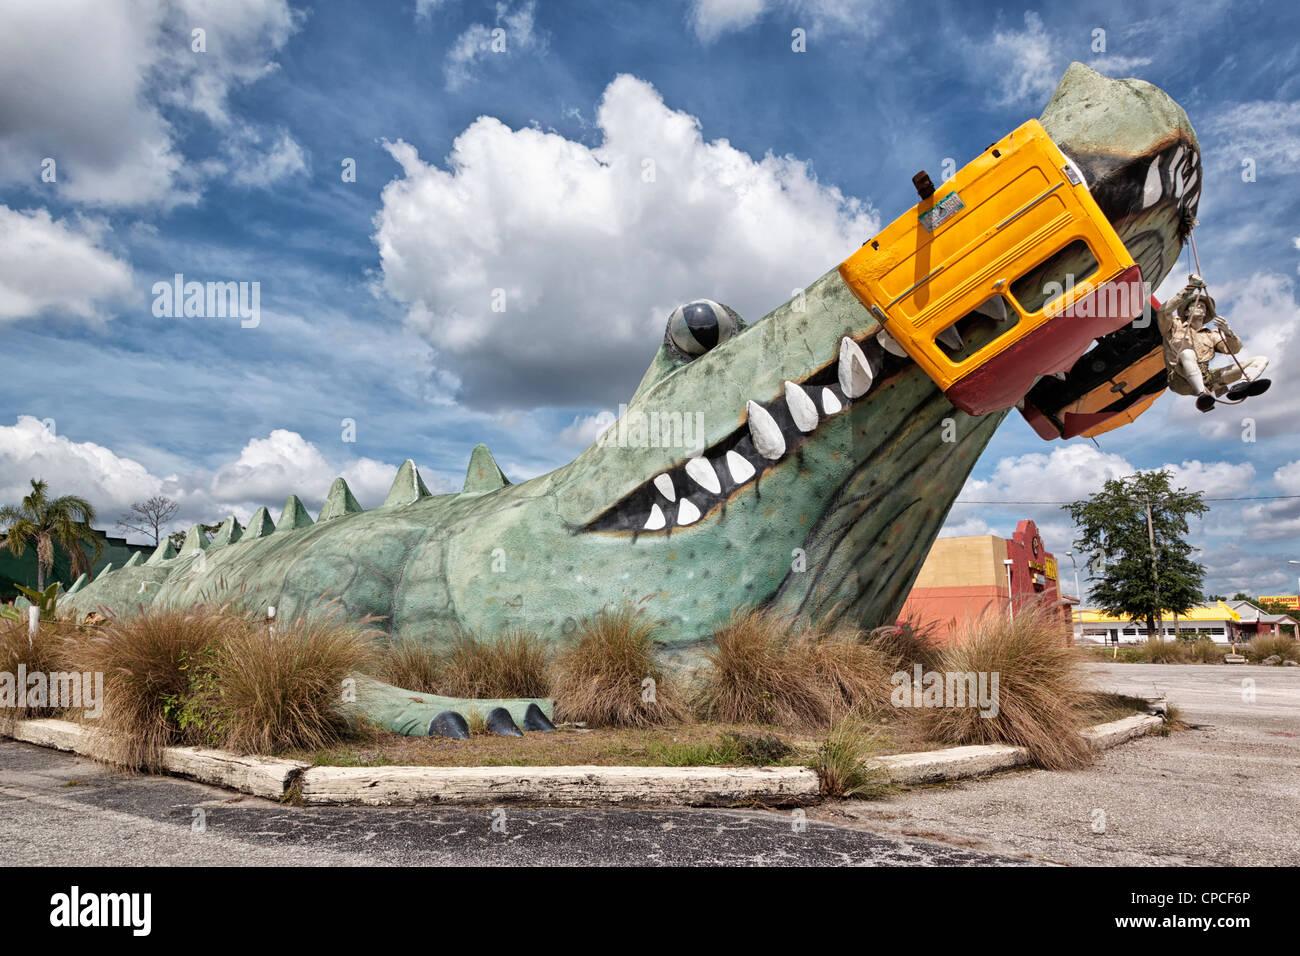 The Gator Motel - Kissimmee - Florida - USA - Stock Image